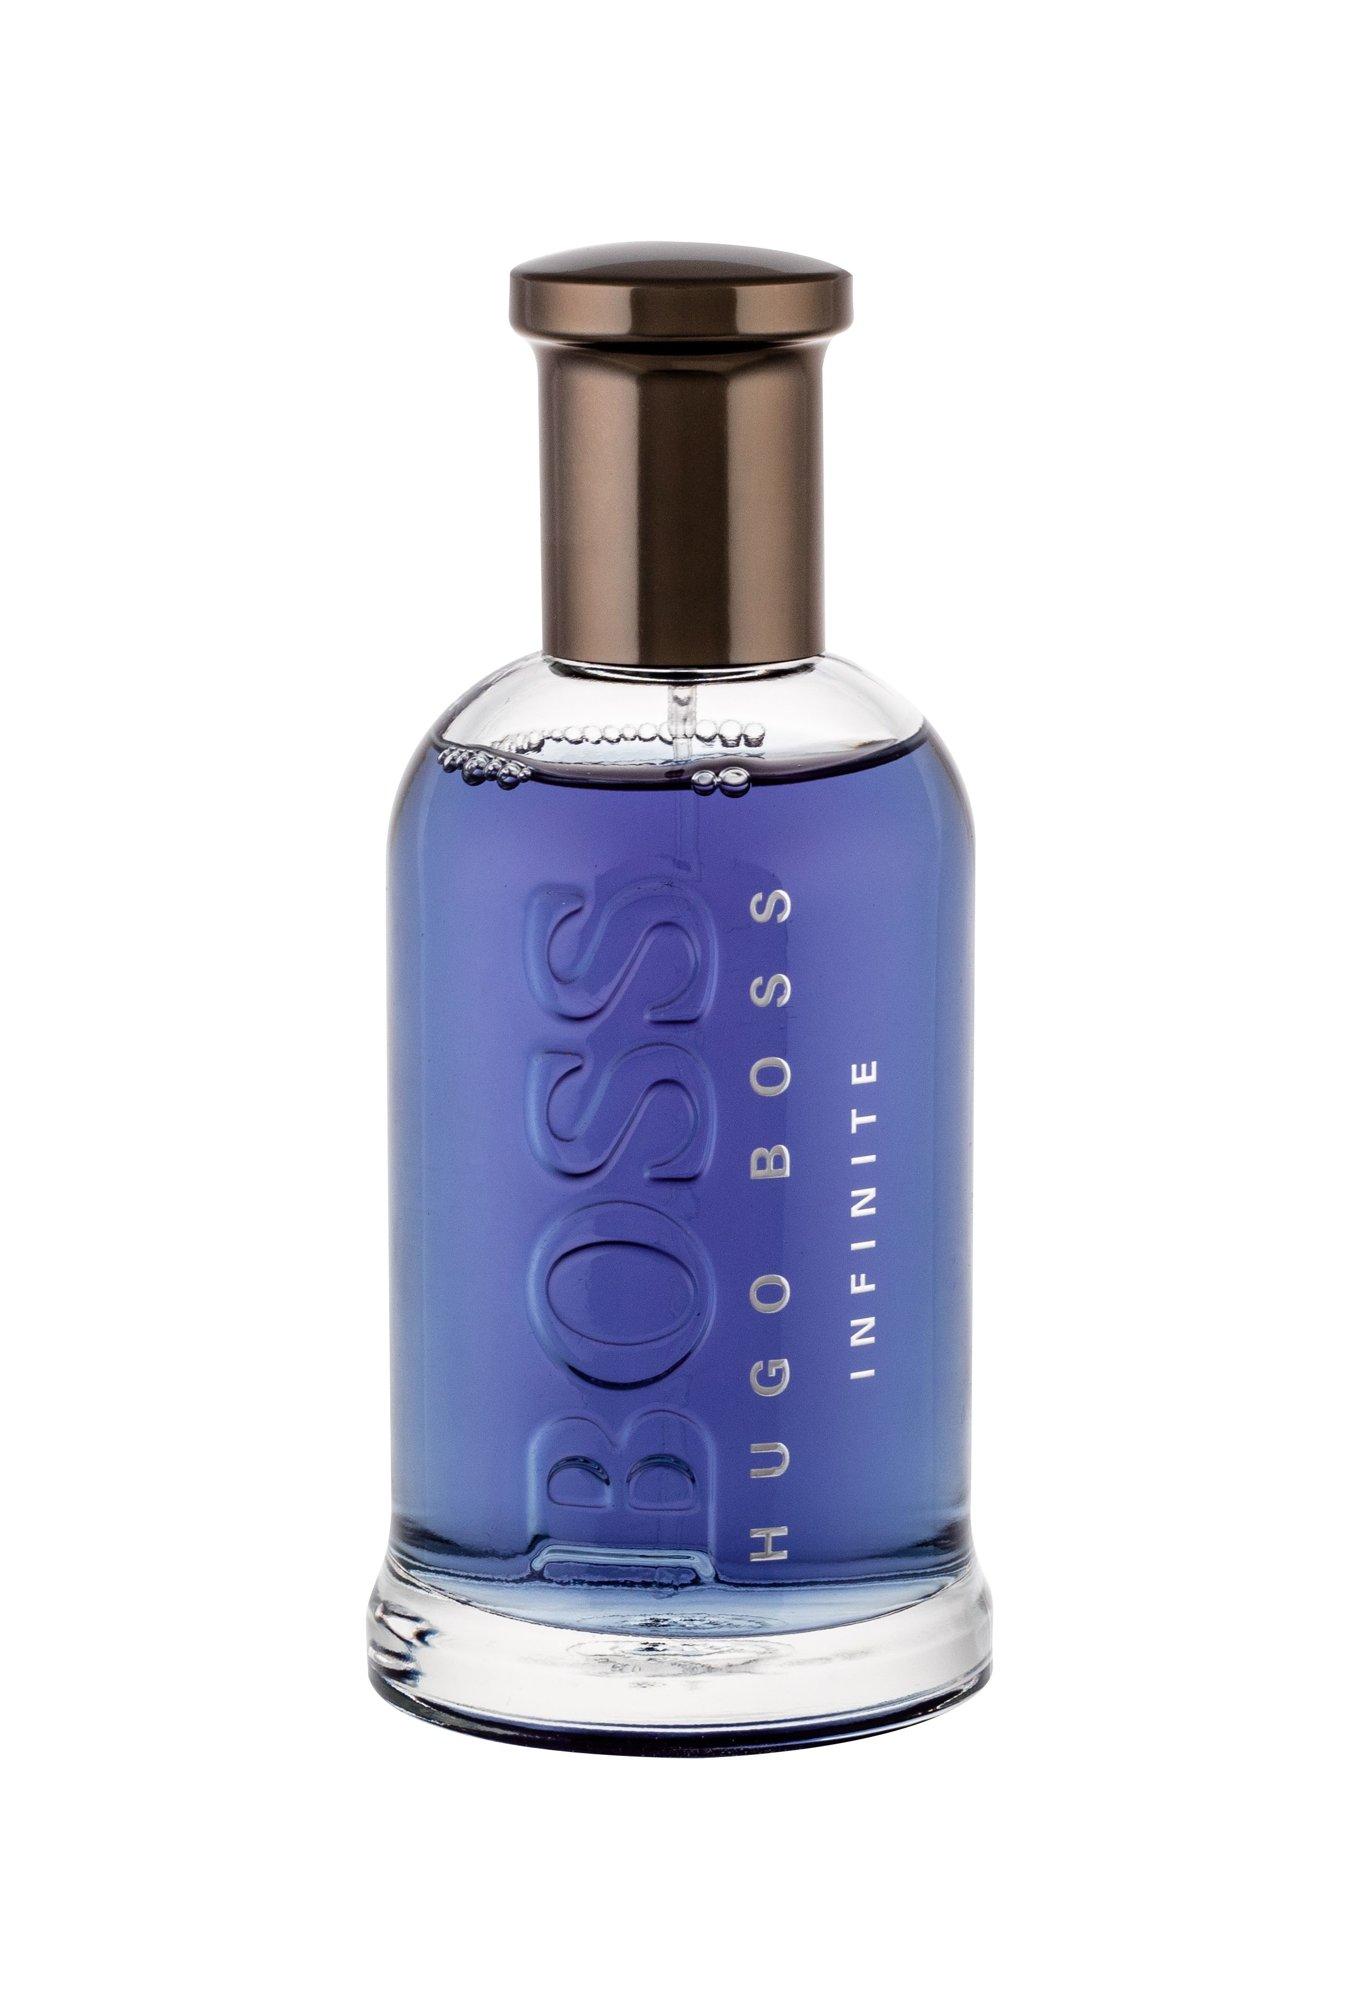 HUGO BOSS Boss Bottled Infinite, Parfumovaná voda 100ml